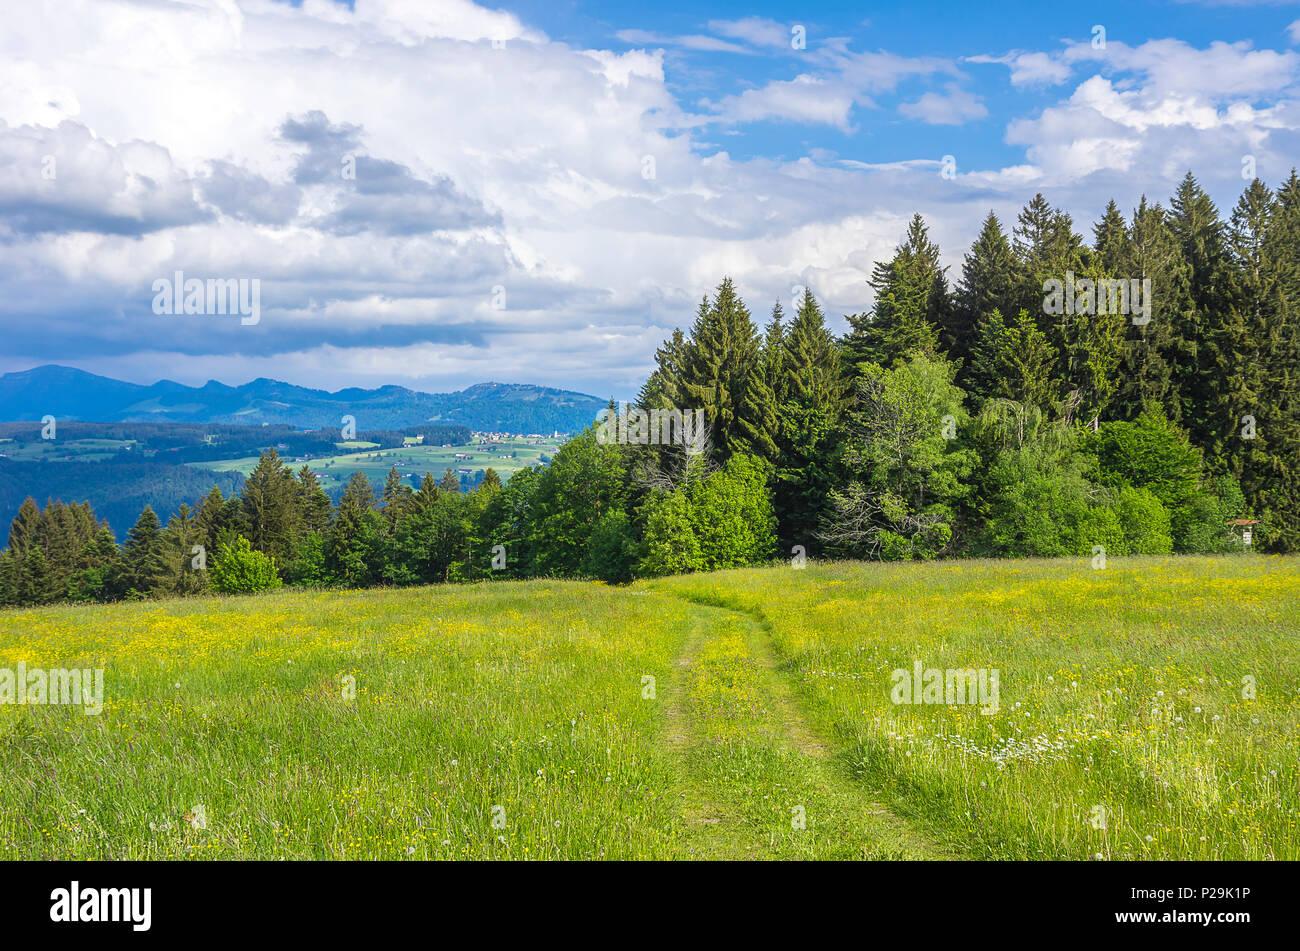 Landschaft und ländlichen Gegend mit Feld Pfad in der Westallgau Region rund um den Ort der Scheidegg in der Nähe von Lindau, Bayern, Deutschland. Stockbild